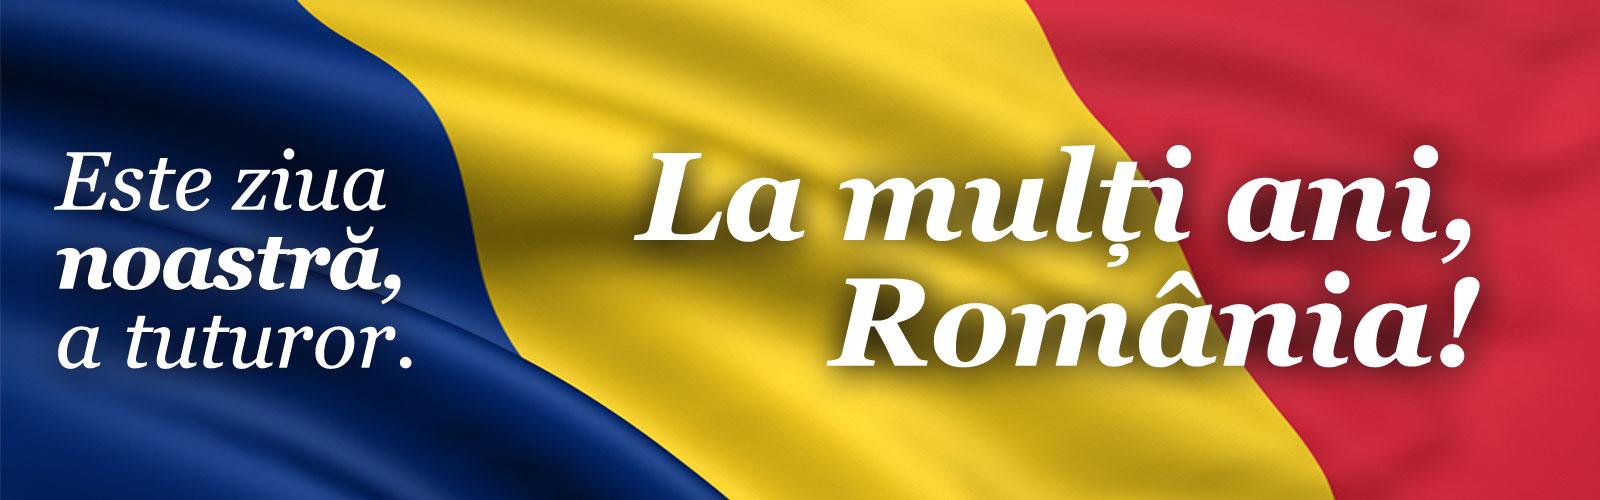 http://www.scoala12bucuresti.ro/site/wp-content/uploads/2017/12/la-multi-ani.jpg